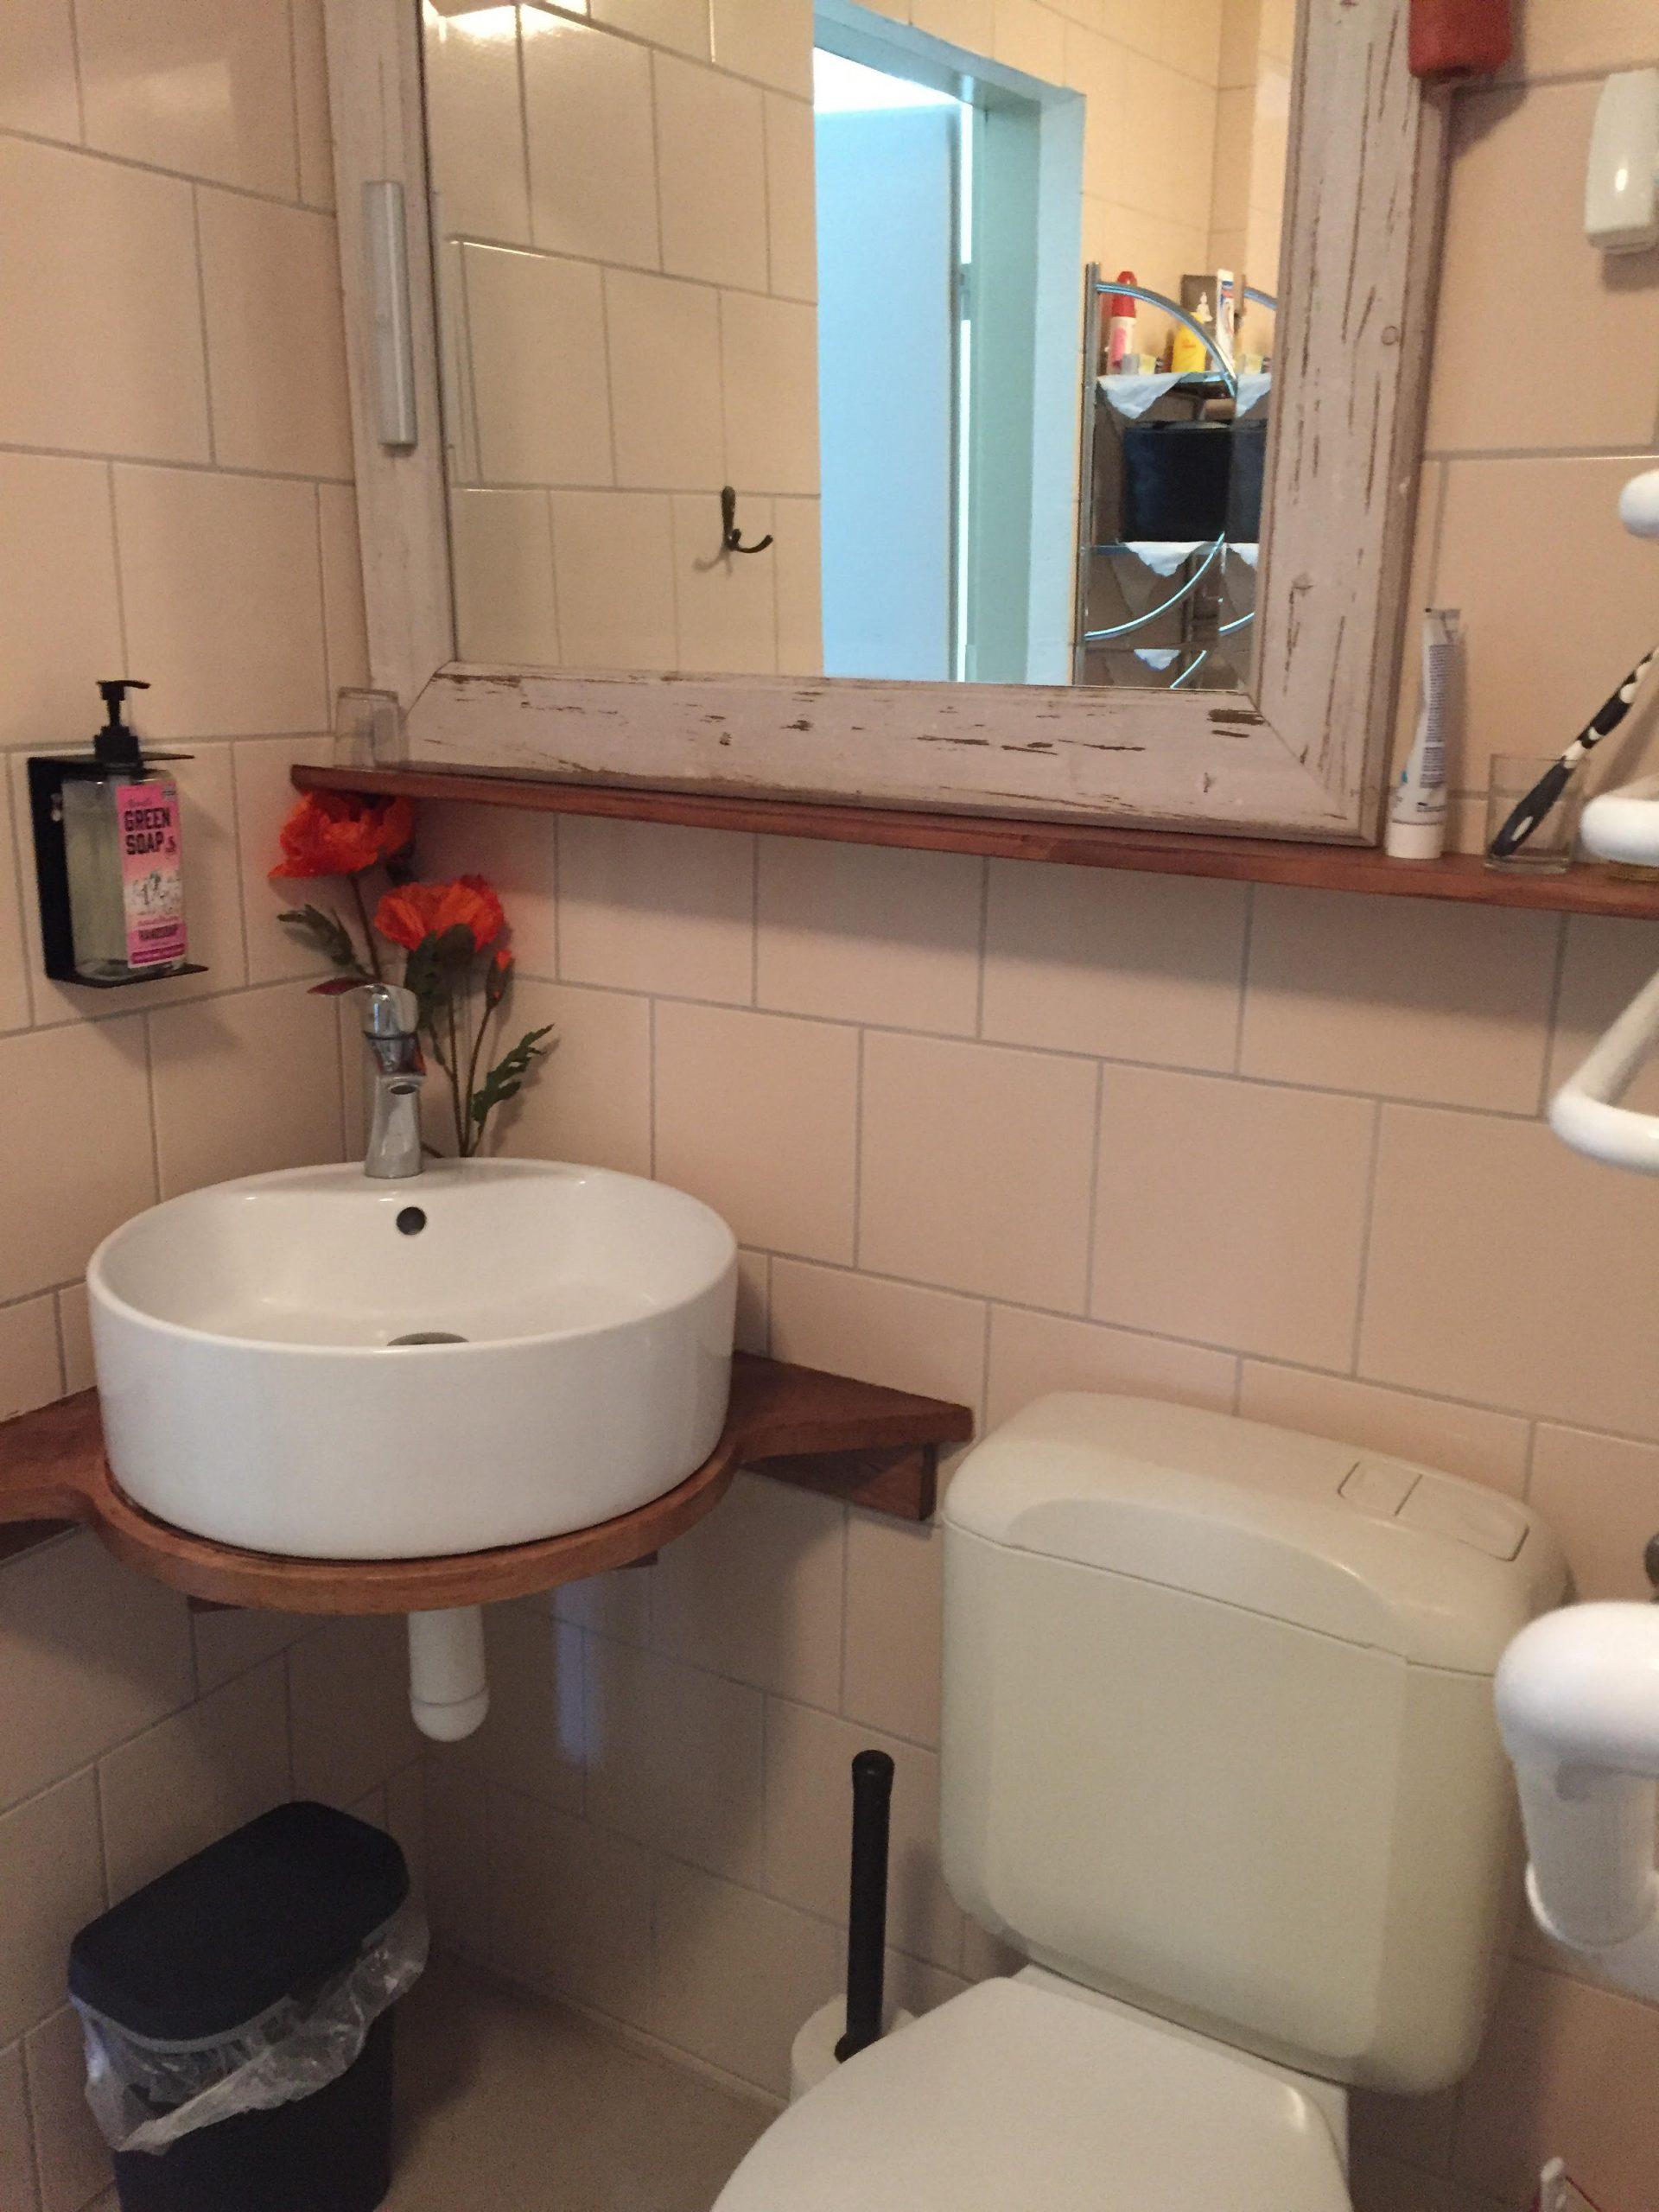 Badkamer met toilet, wasbak en douche